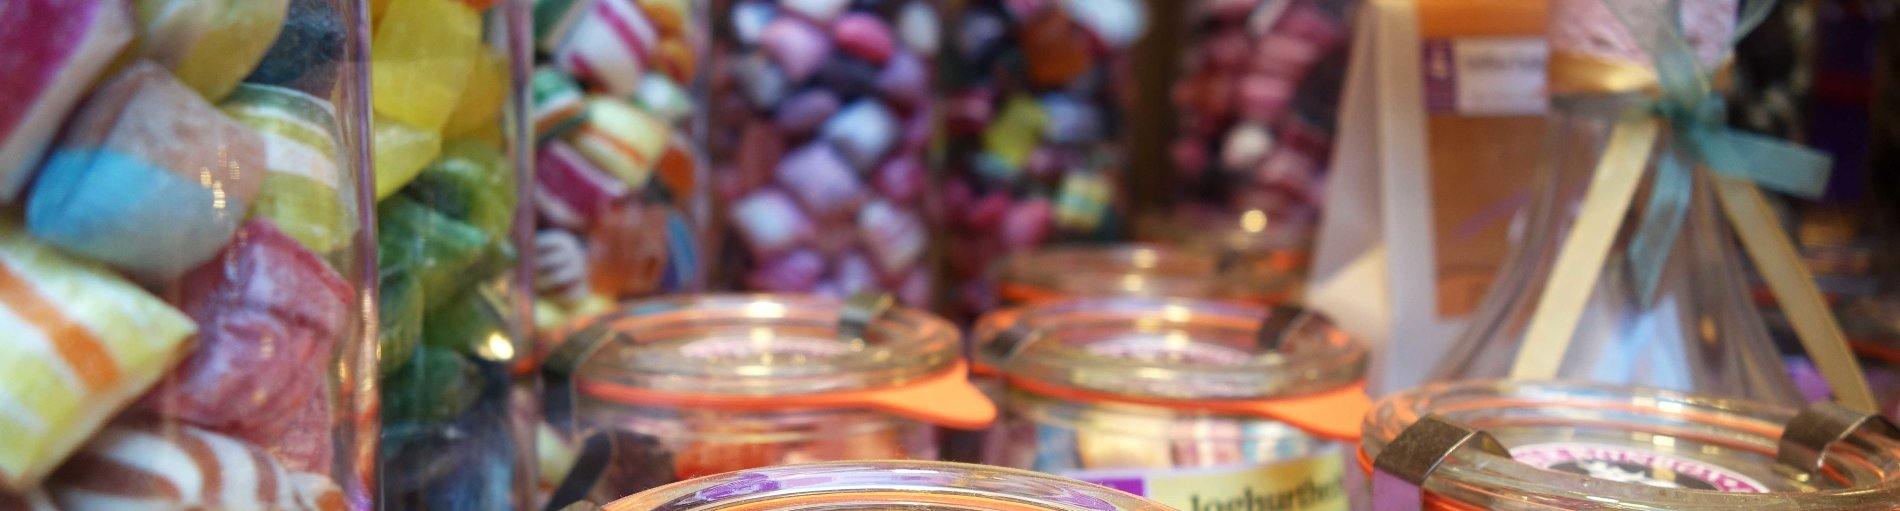 Gläser mit bunten Bonbons in der Bremer Bonbon Manufaktur